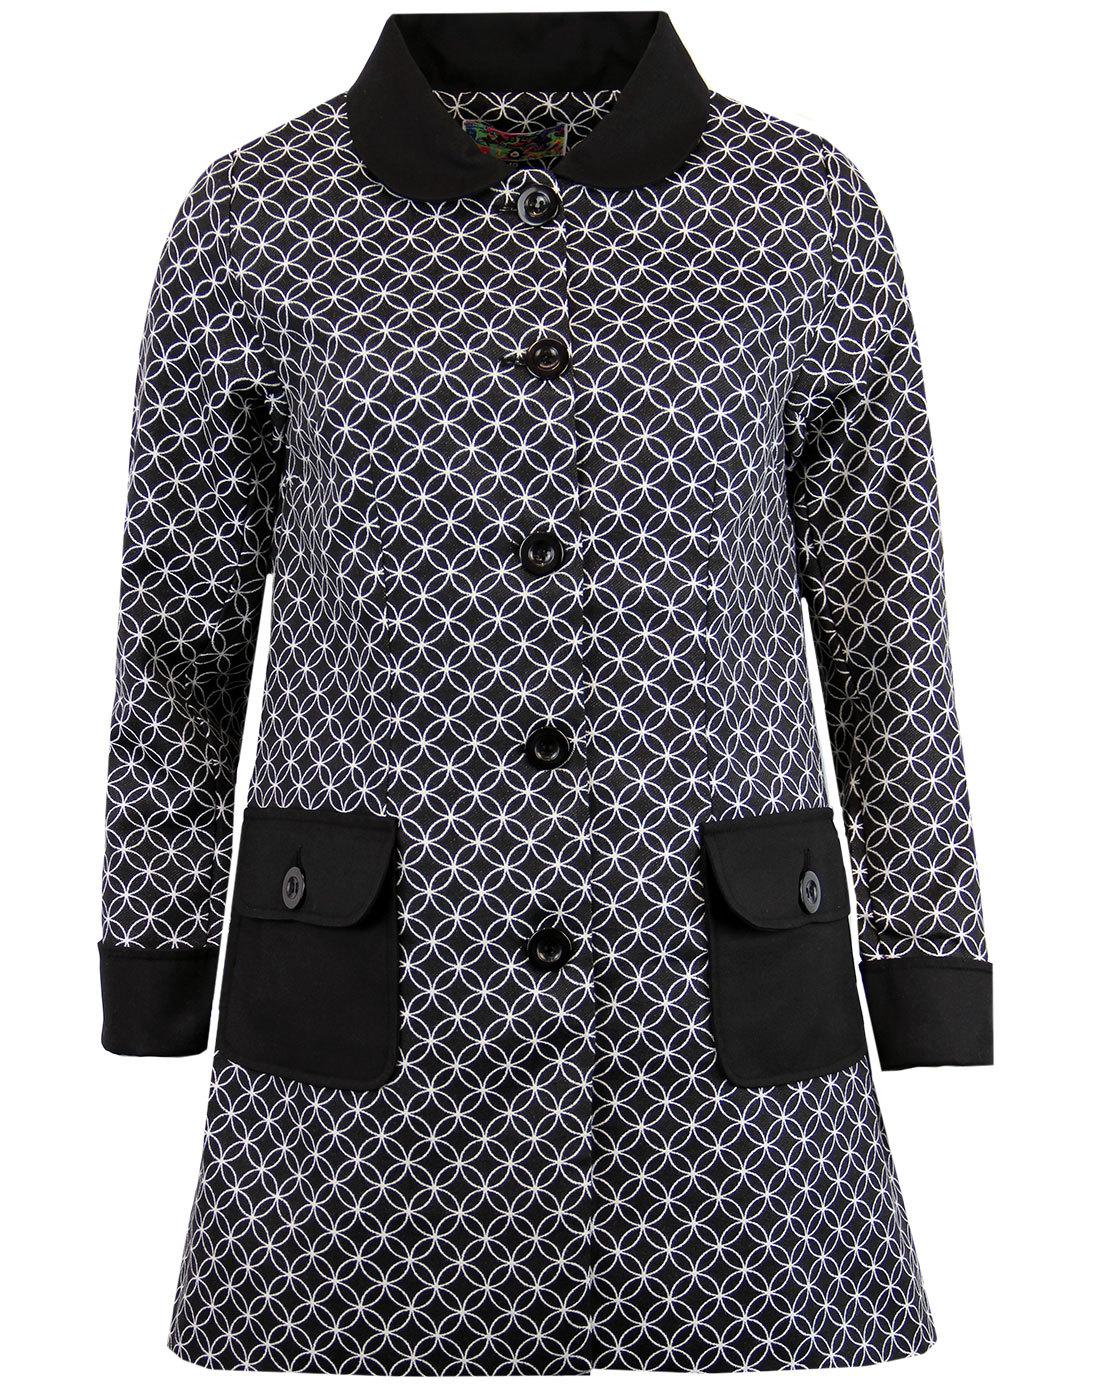 Hepburn MADCAP ENGLAND 60s Mod Op Art A-Line Coat